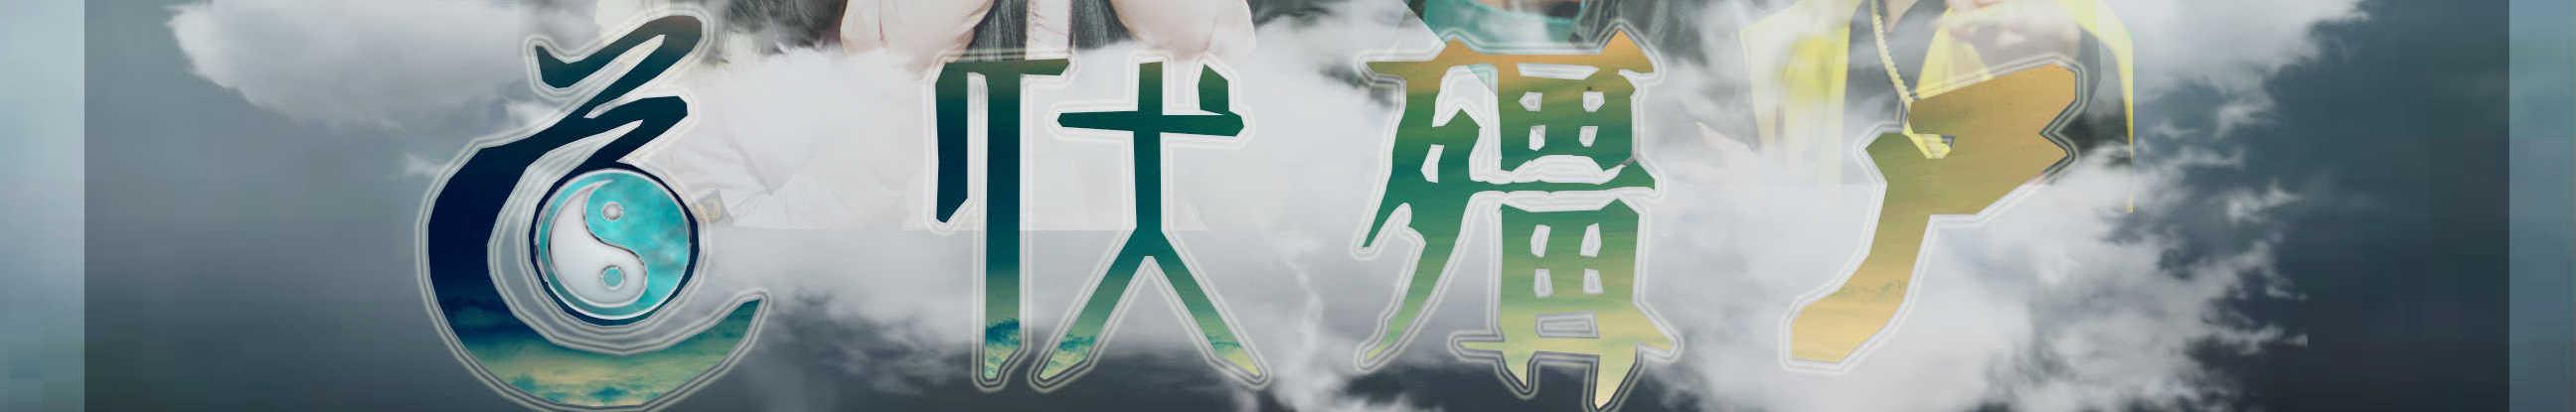 风云影视工作室 banner